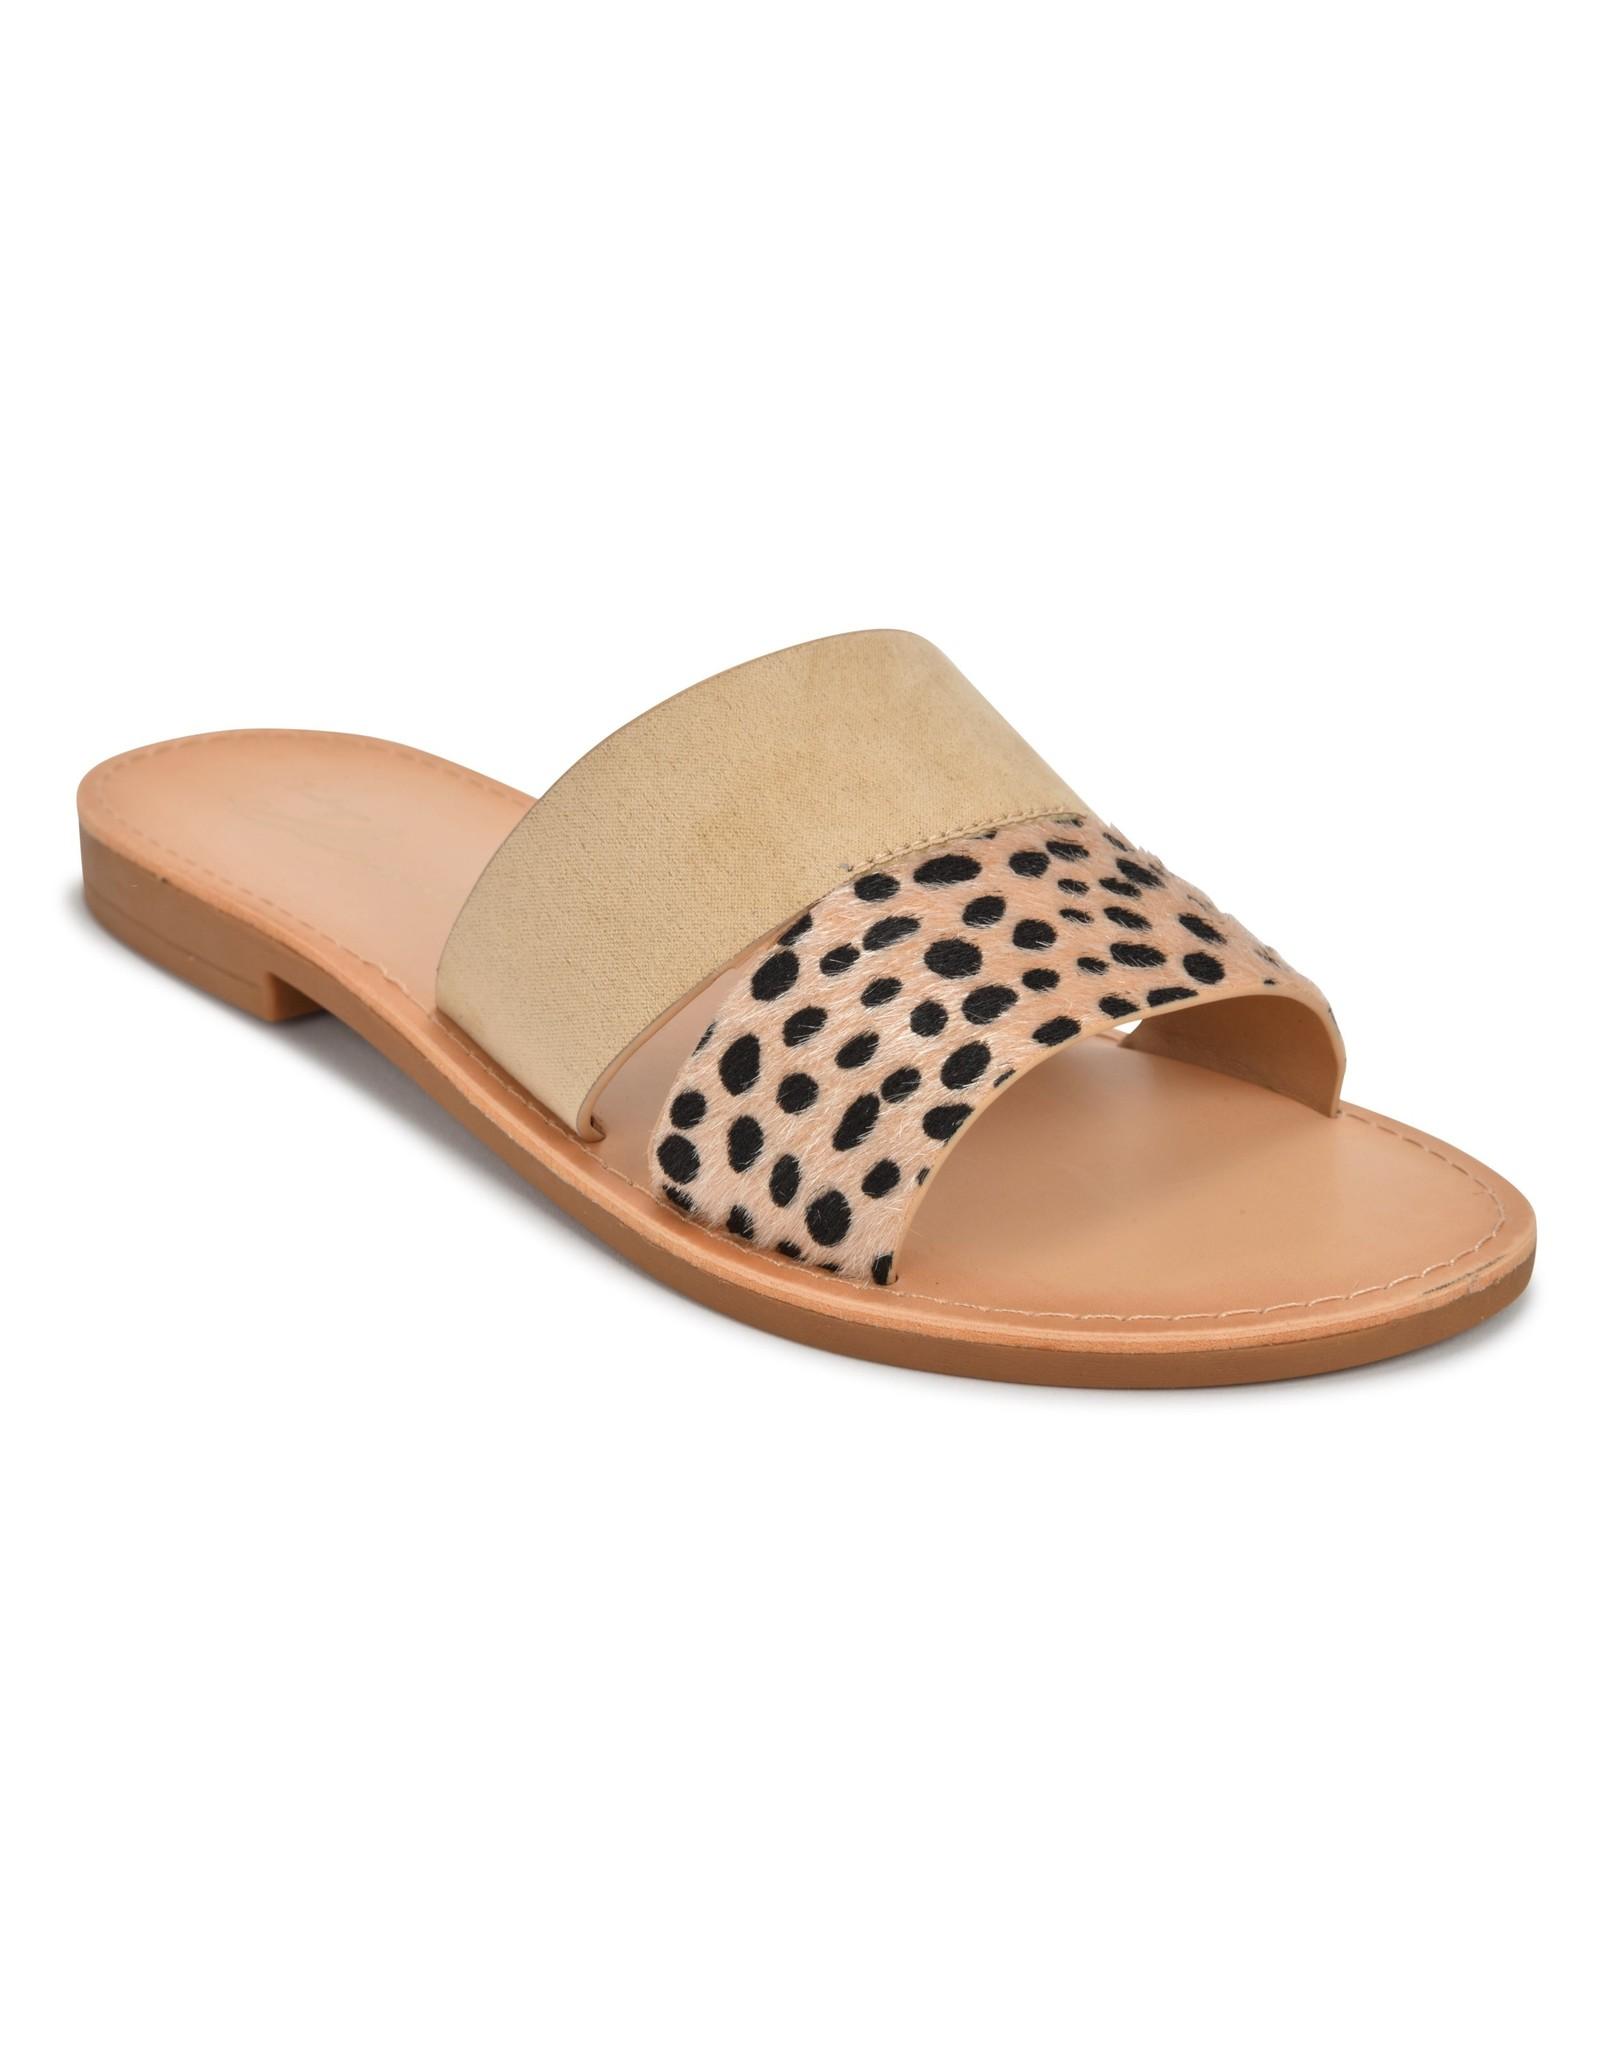 Luna Cheetah Sandals - Taupe